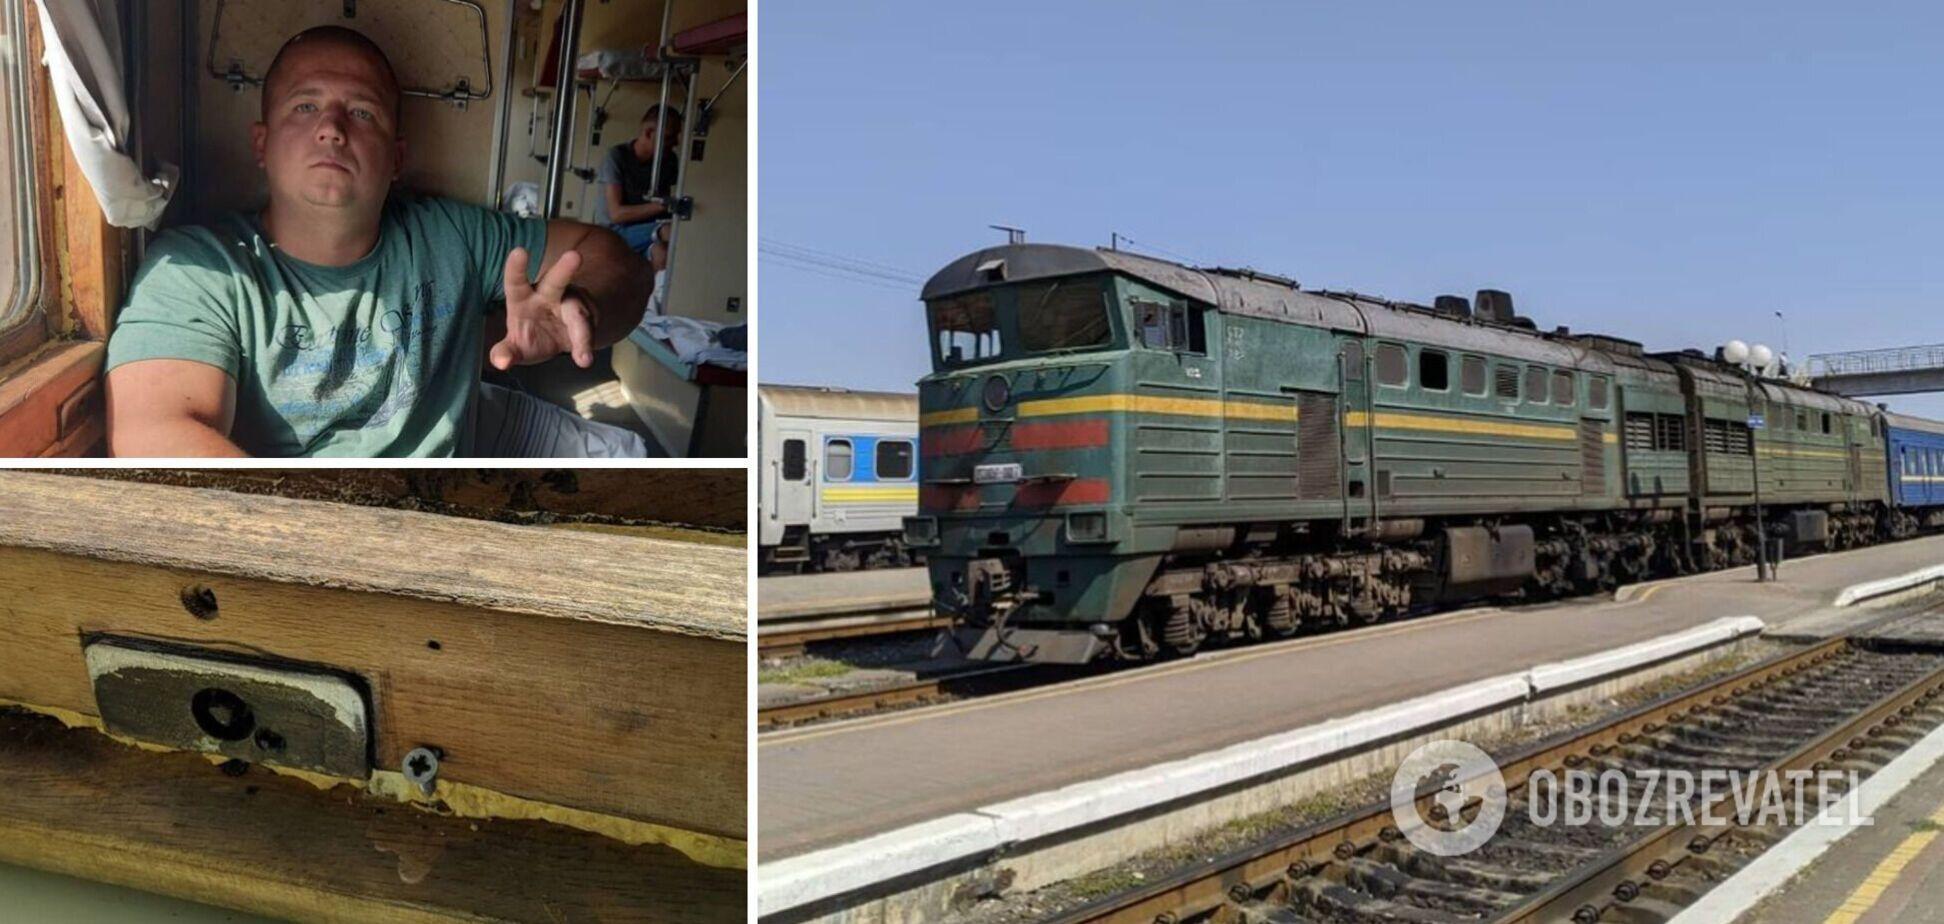 Дихати нічим, із сидінь стирчать цвяхи: пасажир поскаржився на умови в поїзді 'Укрзалізниці'. Фото